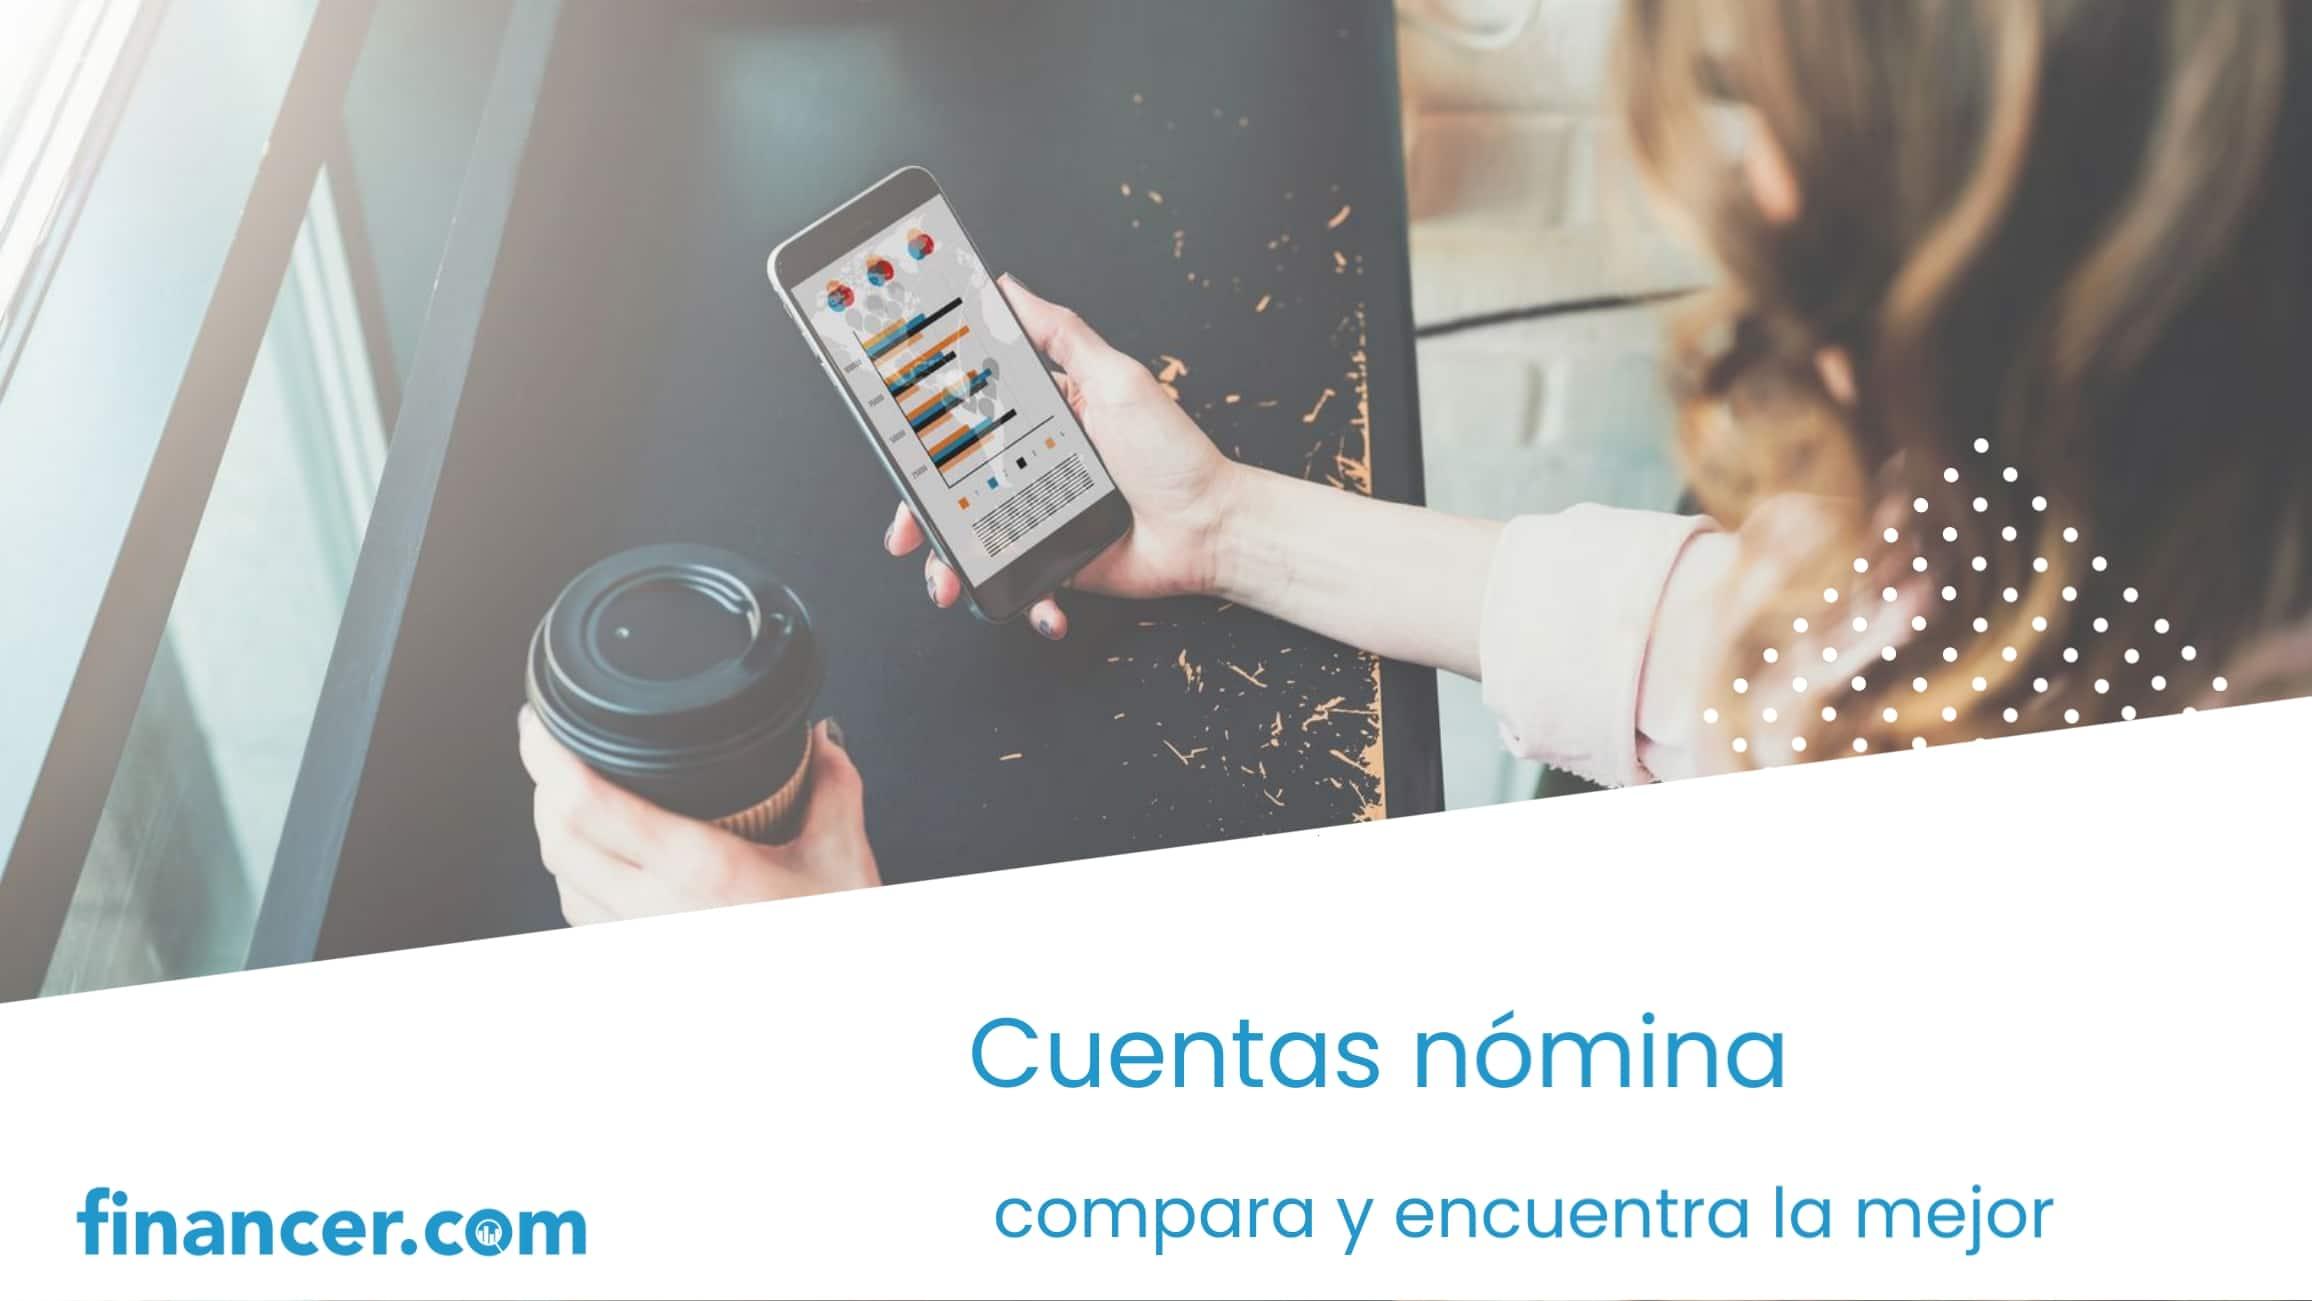 cuentas nomina